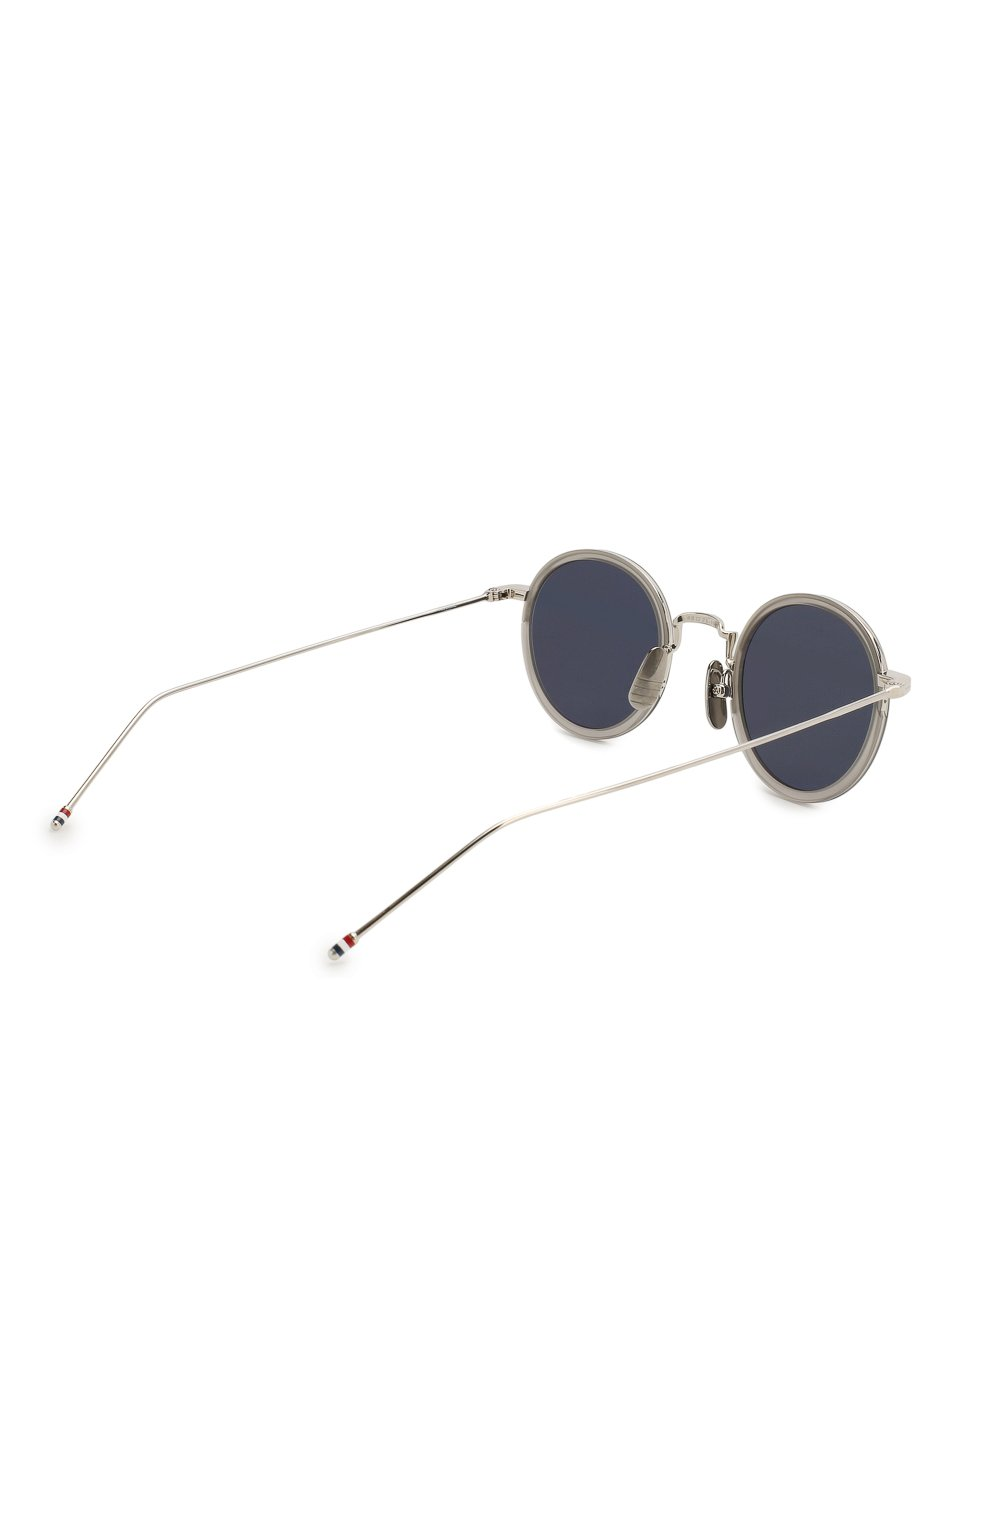 Женские солнцезащитные очки THOM BROWNE серого цвета, арт. TB-906 SUN-03 | Фото 5